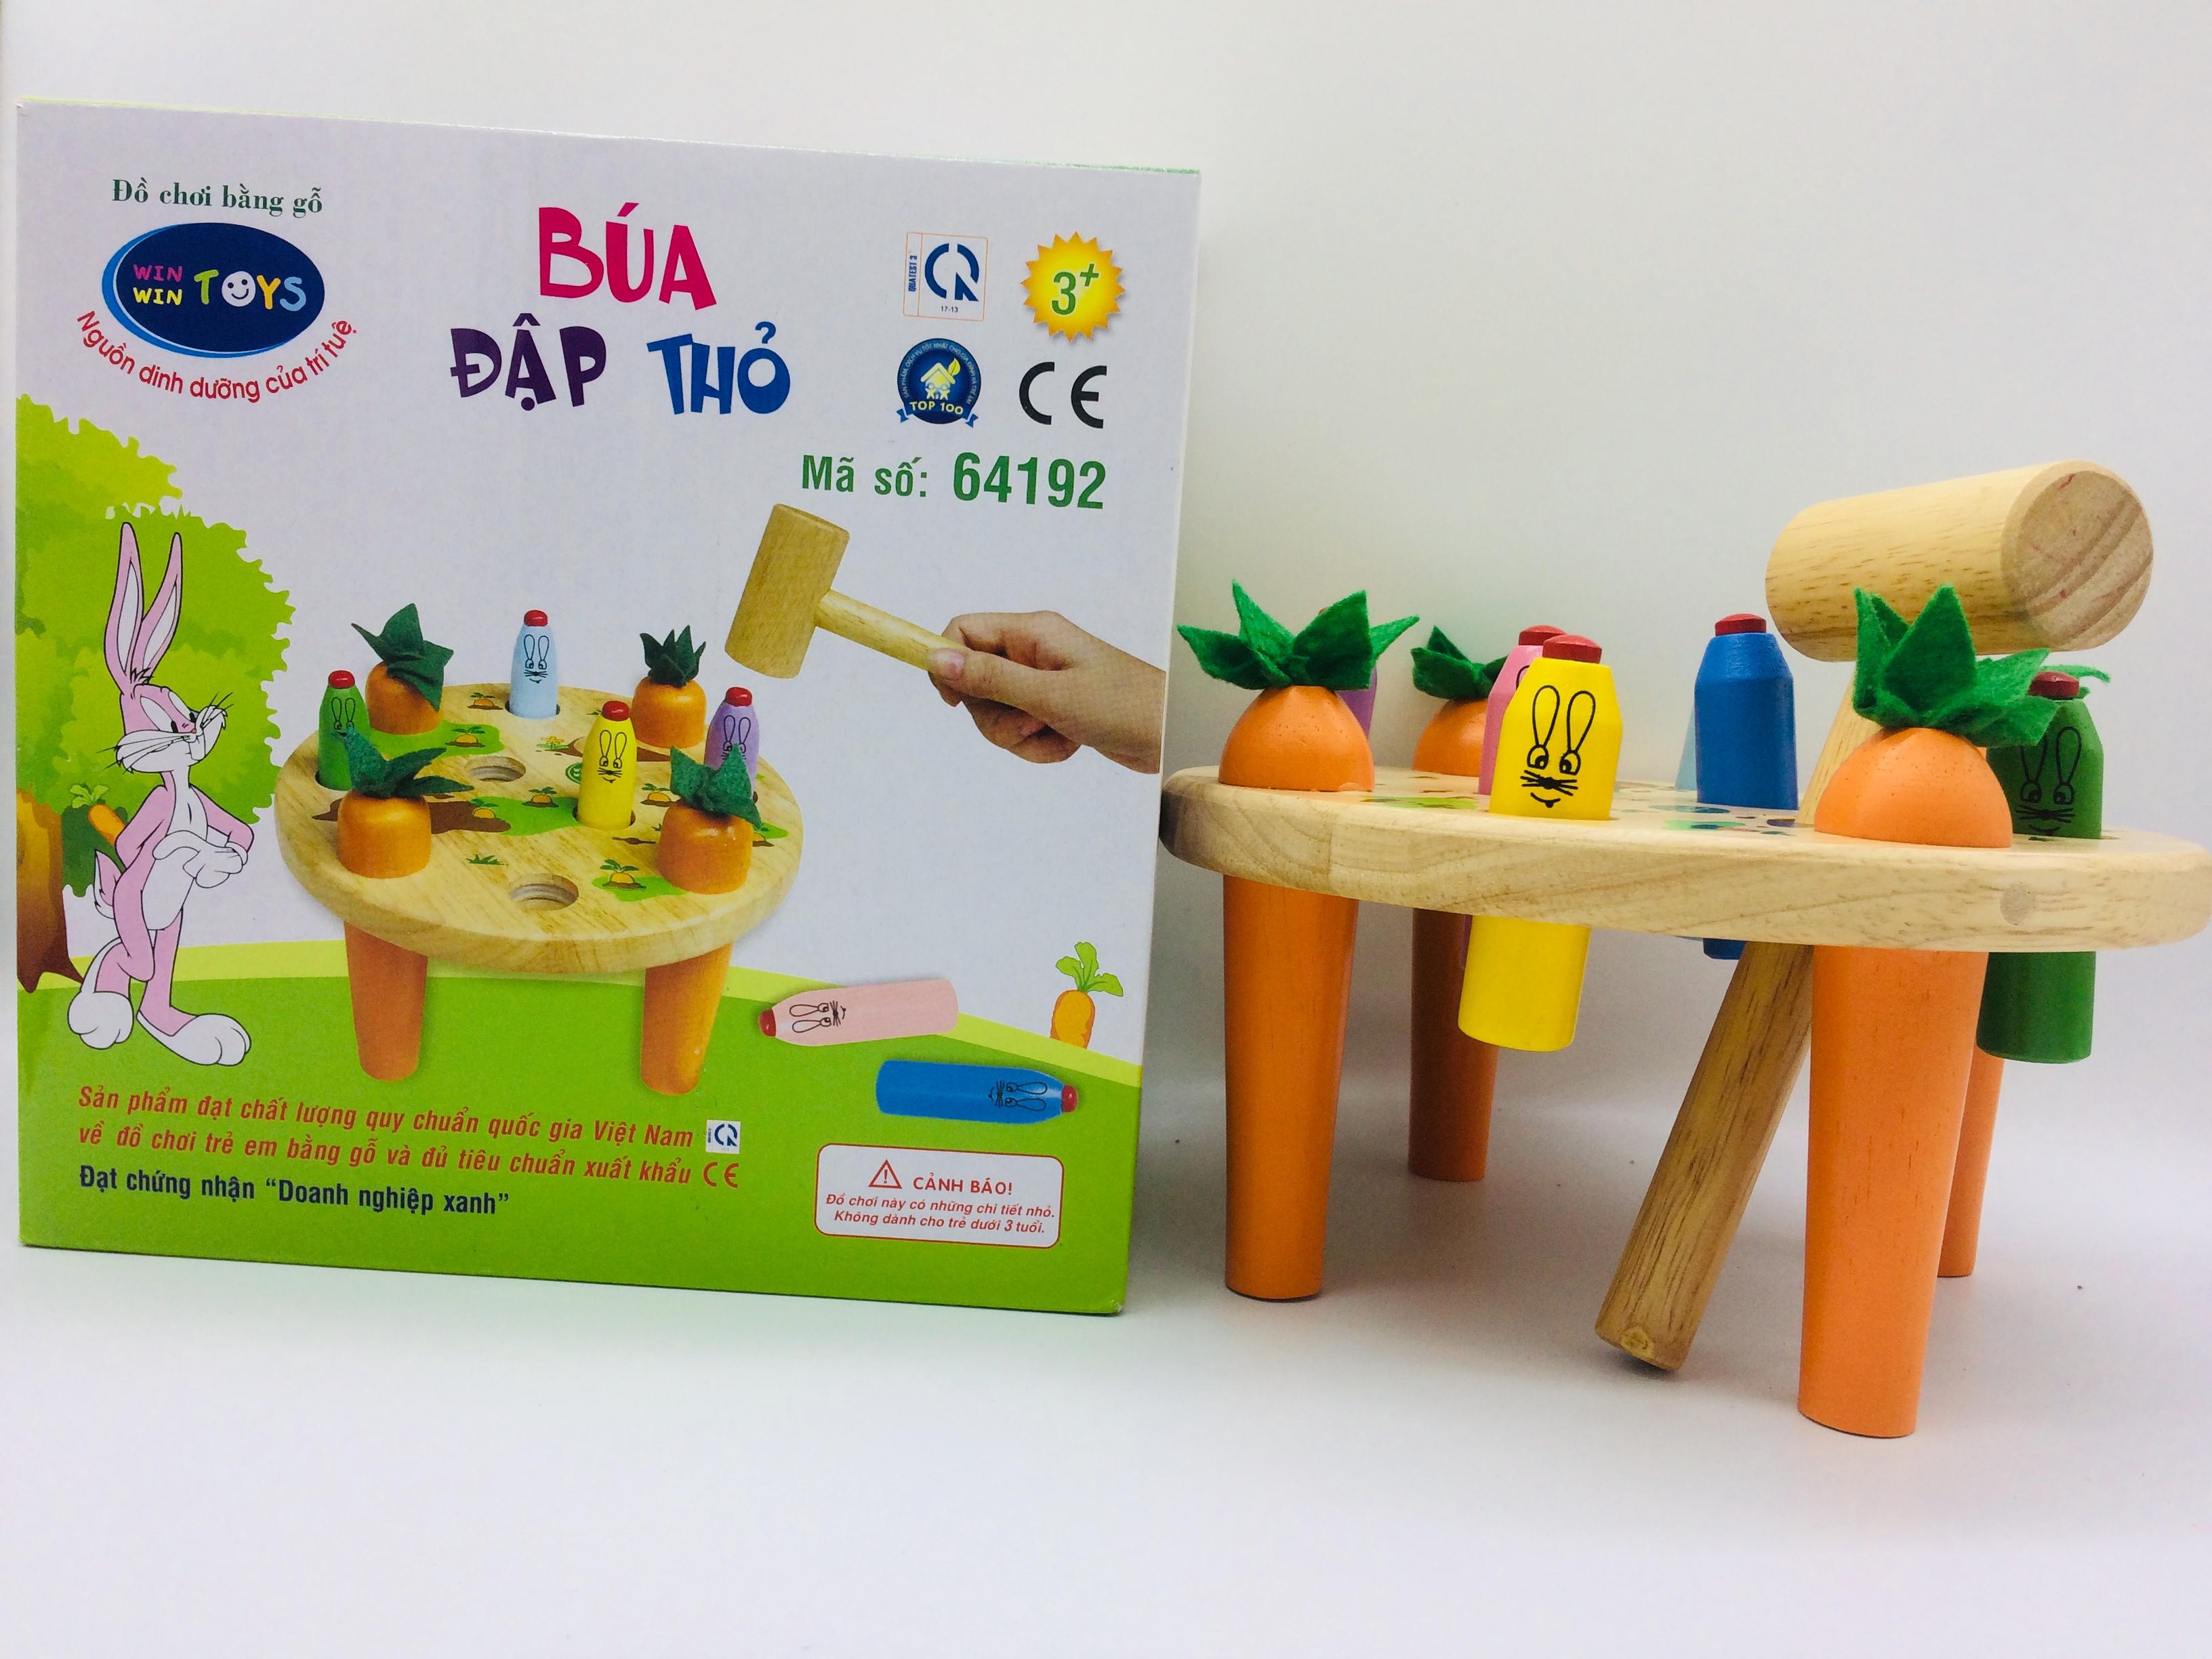 Combo đồ chơi gỗ cho bé - Búa đập thỏ tặng kèm bộ xếp hình thông minh